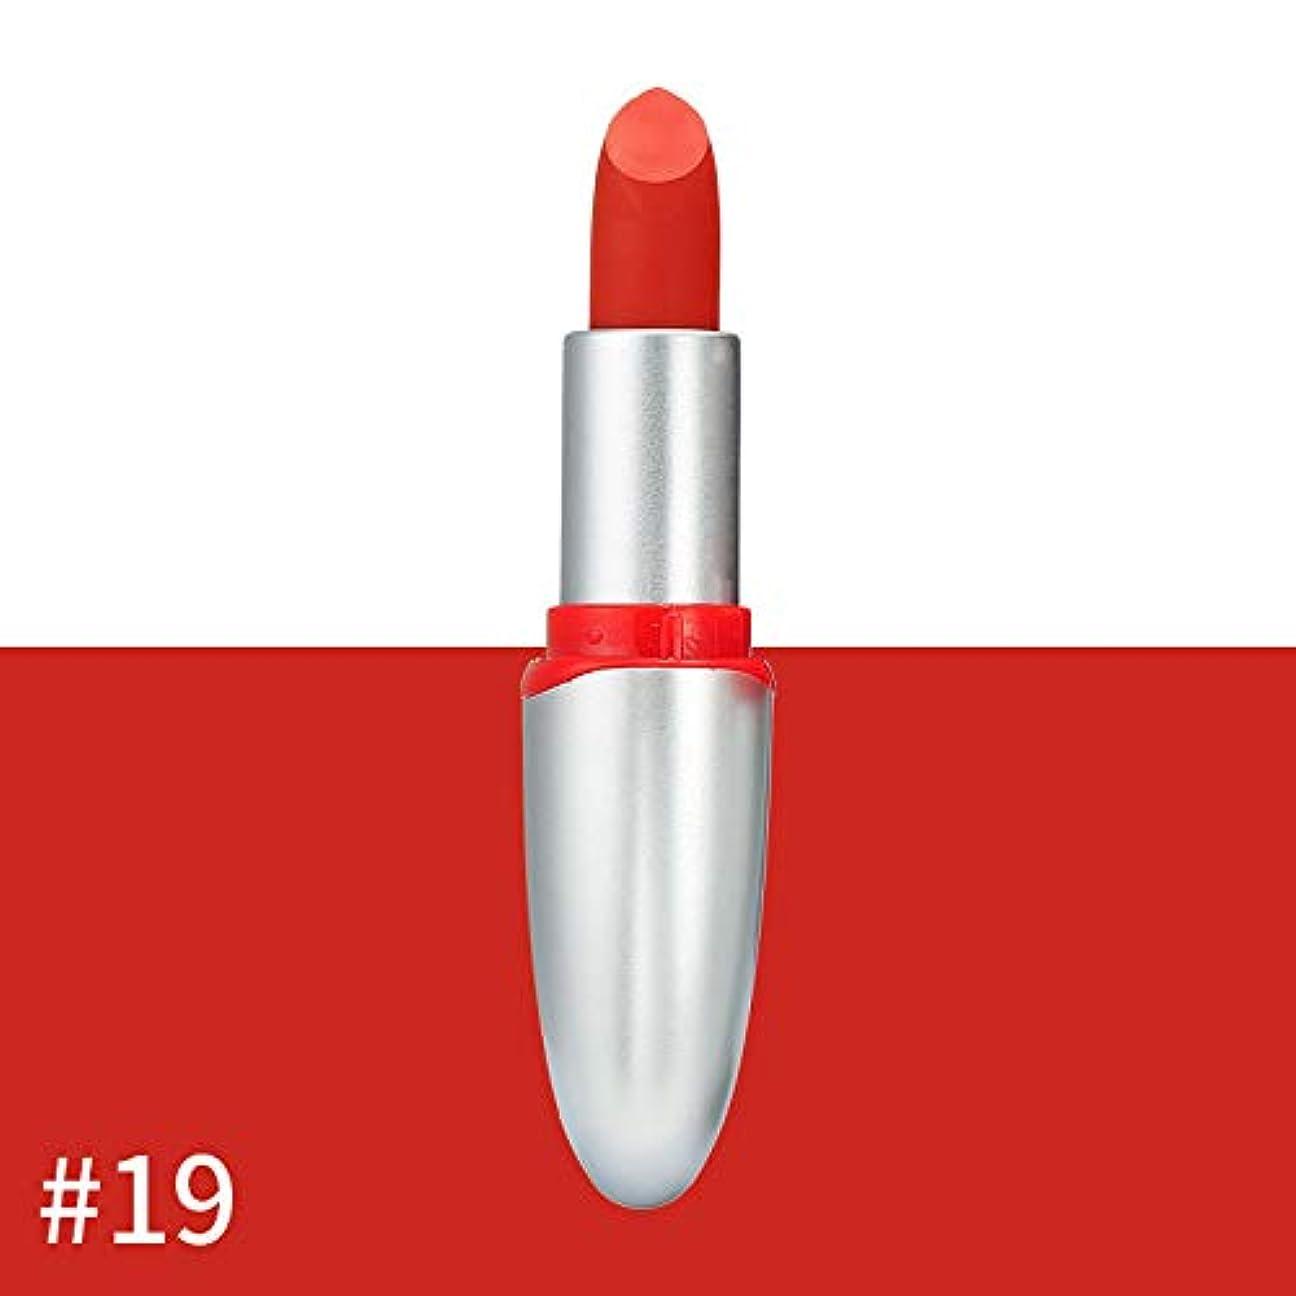 の面では目に見えるパトロンSymboat 口紅 落ちにくい 長持ち 保湿 マットメイク 化粧品 ポータブル 女性用 レディ 口紅グロス 韓国 リップ 化粧品 グロス ランキング